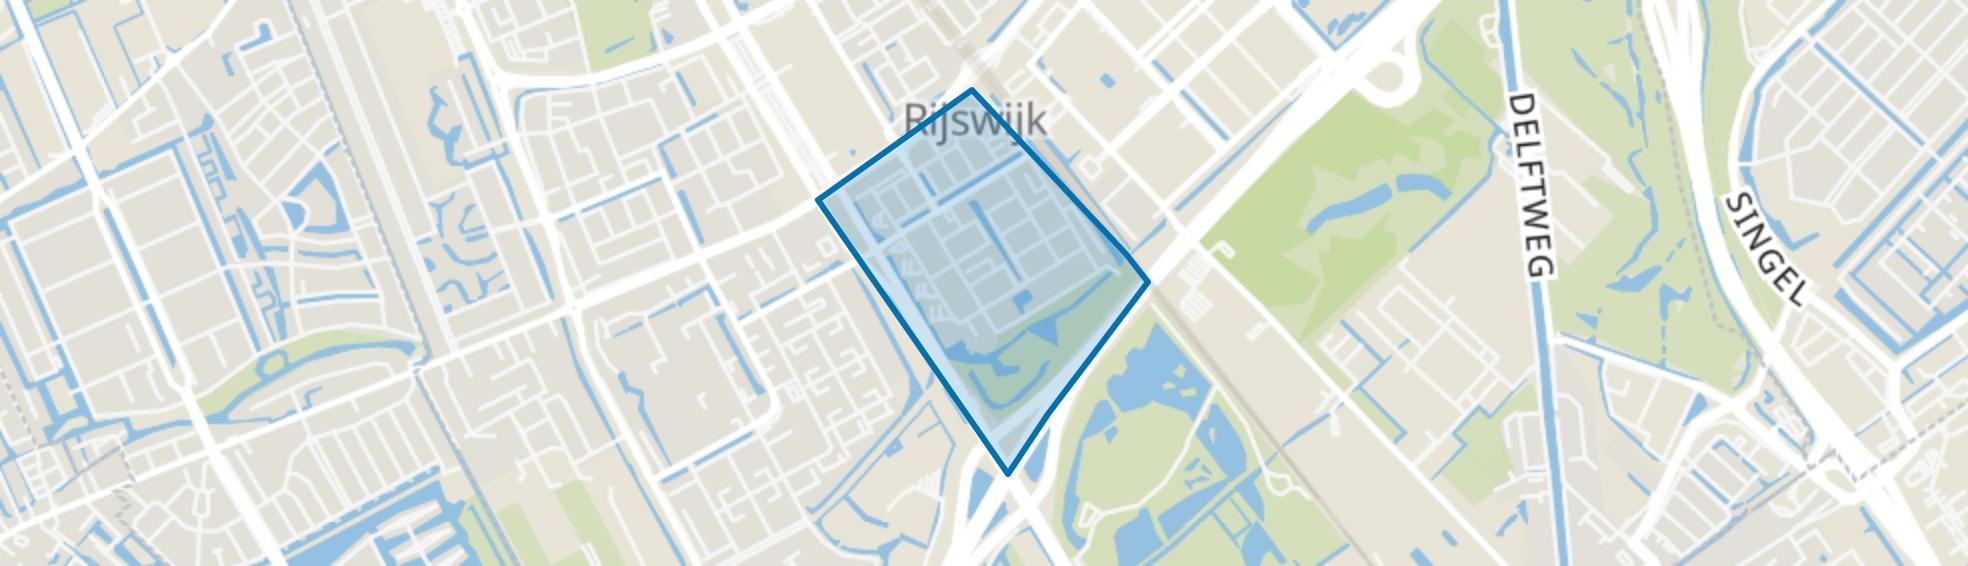 Muziekbuurt, Rijswijk (ZH) map